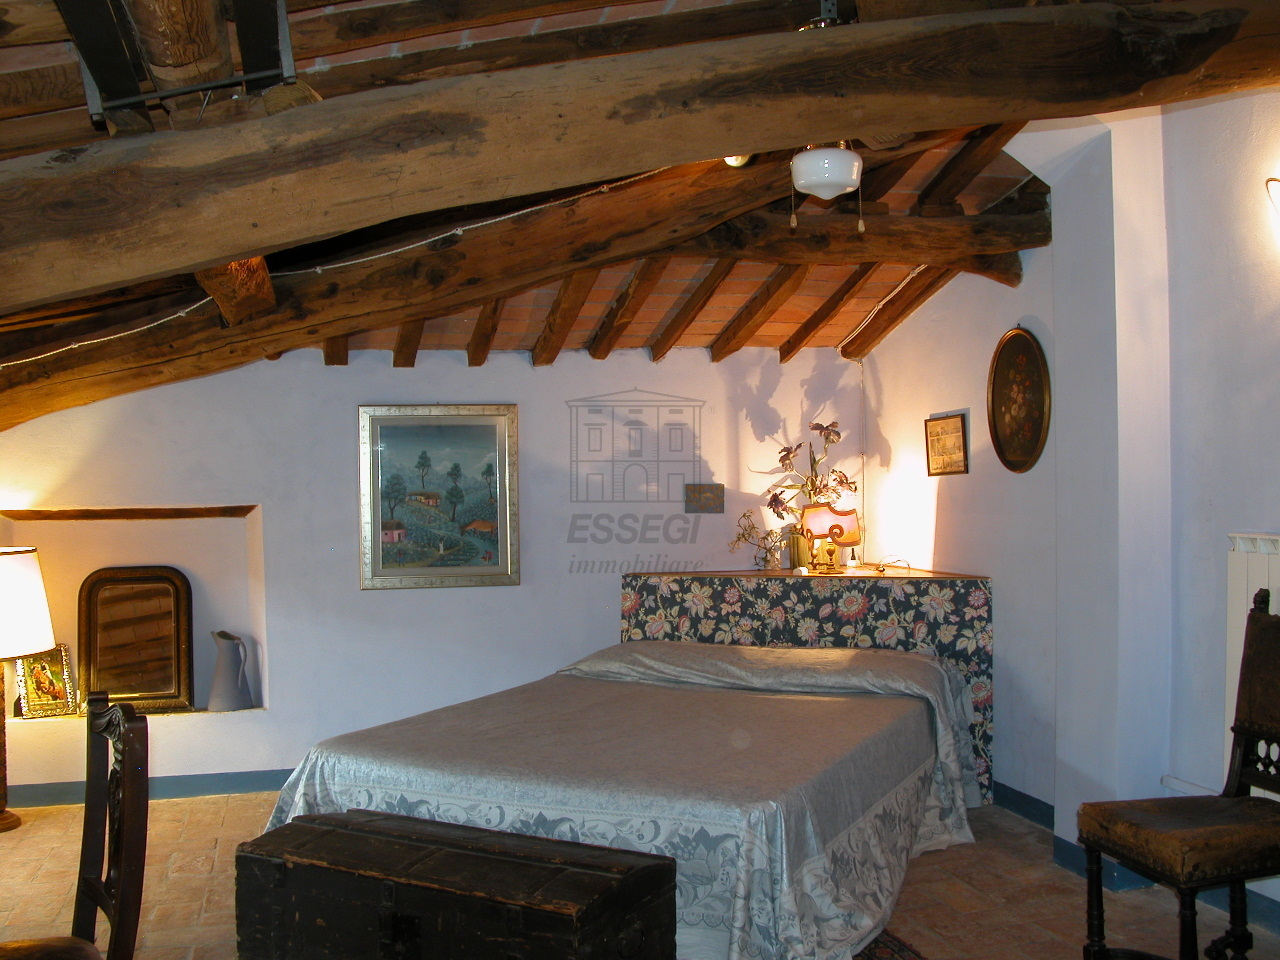 tipica casa toscana di paese sulle colline di lucca img 30